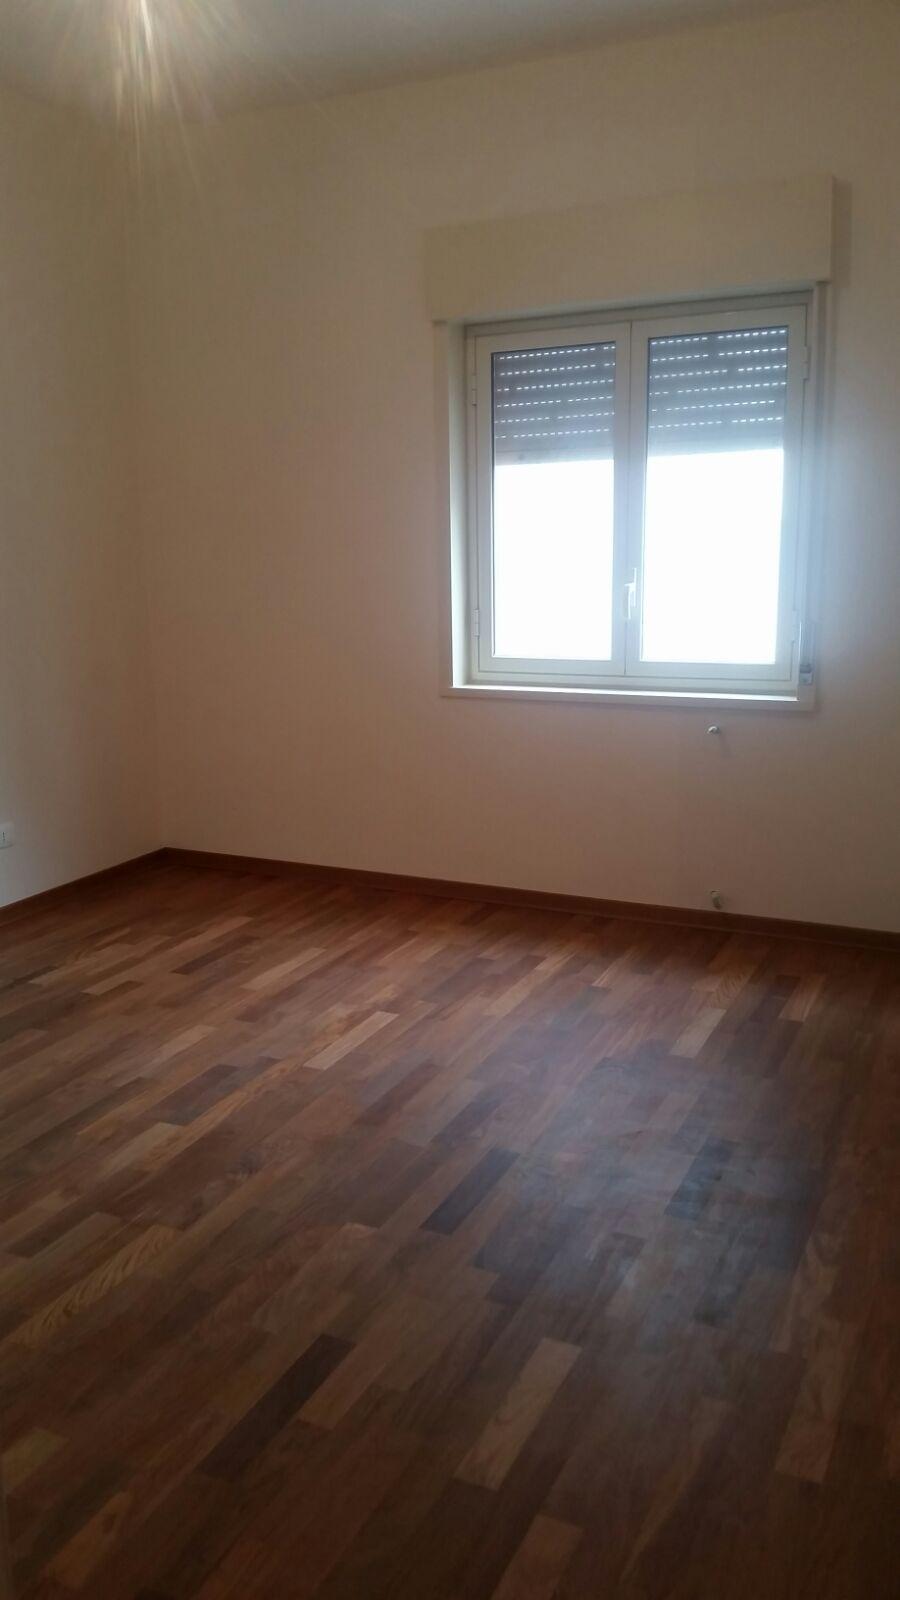 Appartamento in vendita a Agrigento, 5 locali, zona Zona: Centro, prezzo € 130.000 | CambioCasa.it